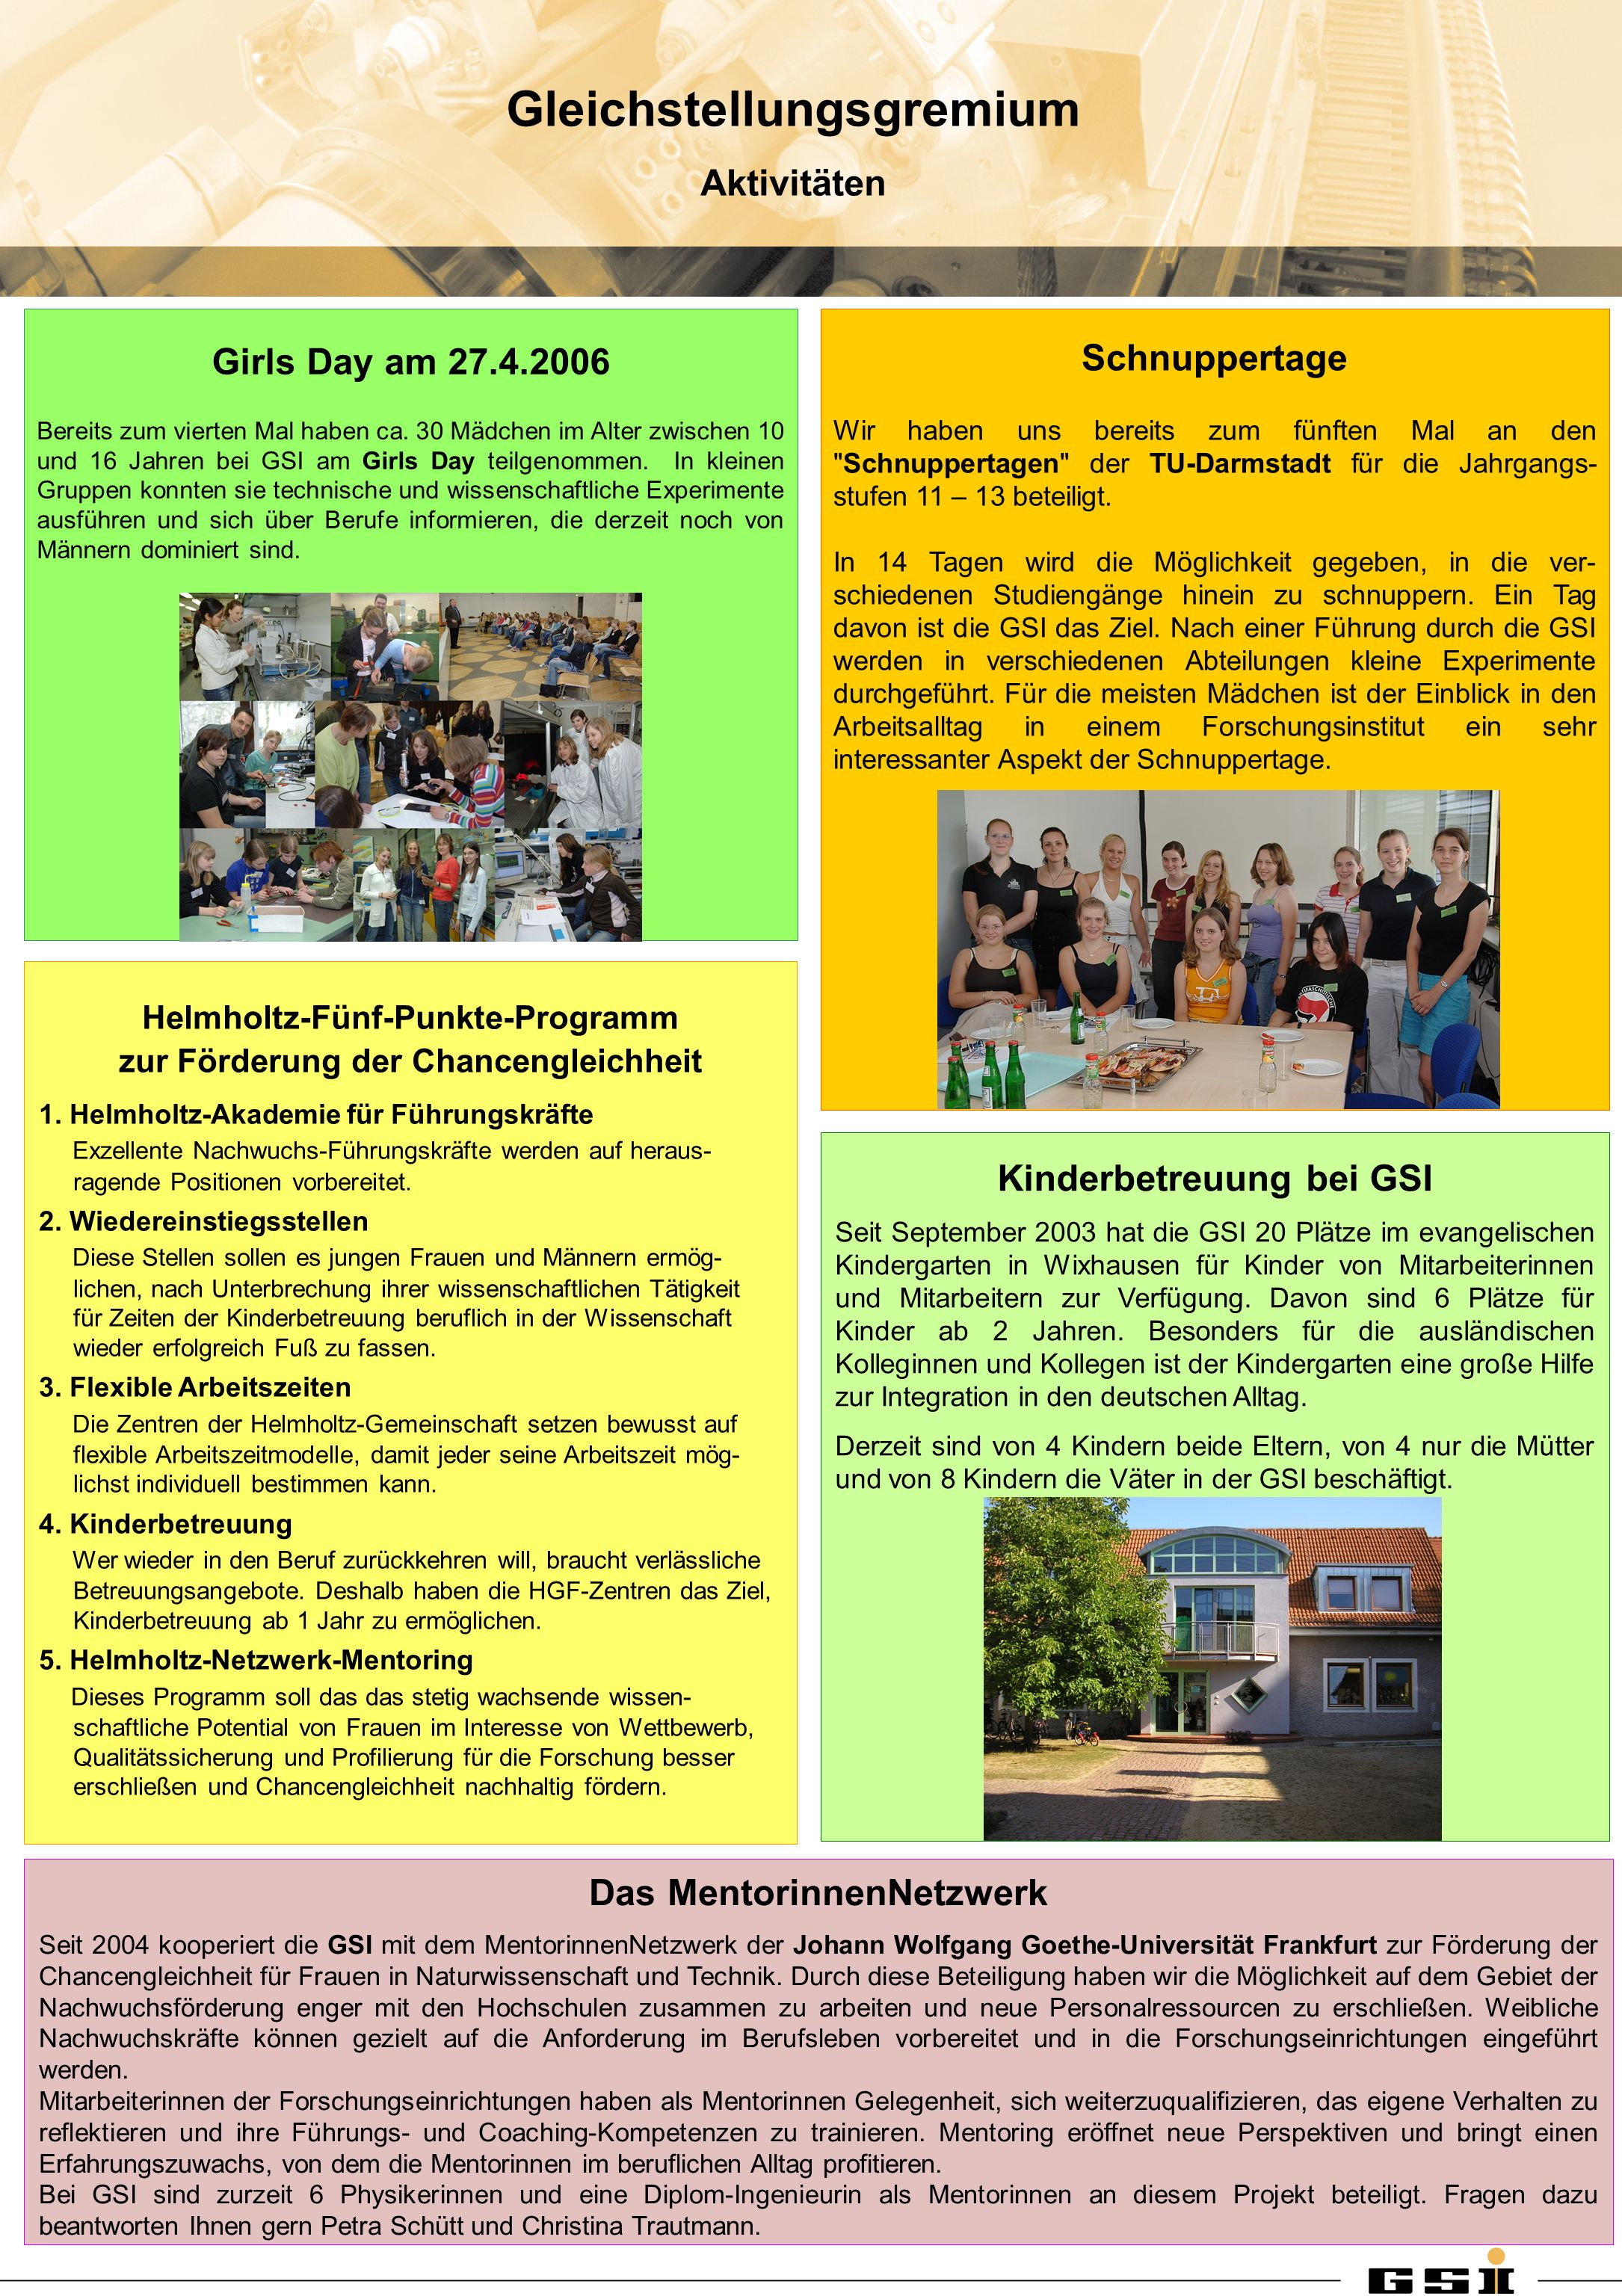 Helmholtz-Fünf-Punkte-Programm zur Förderung der Chancengleichheit 1.